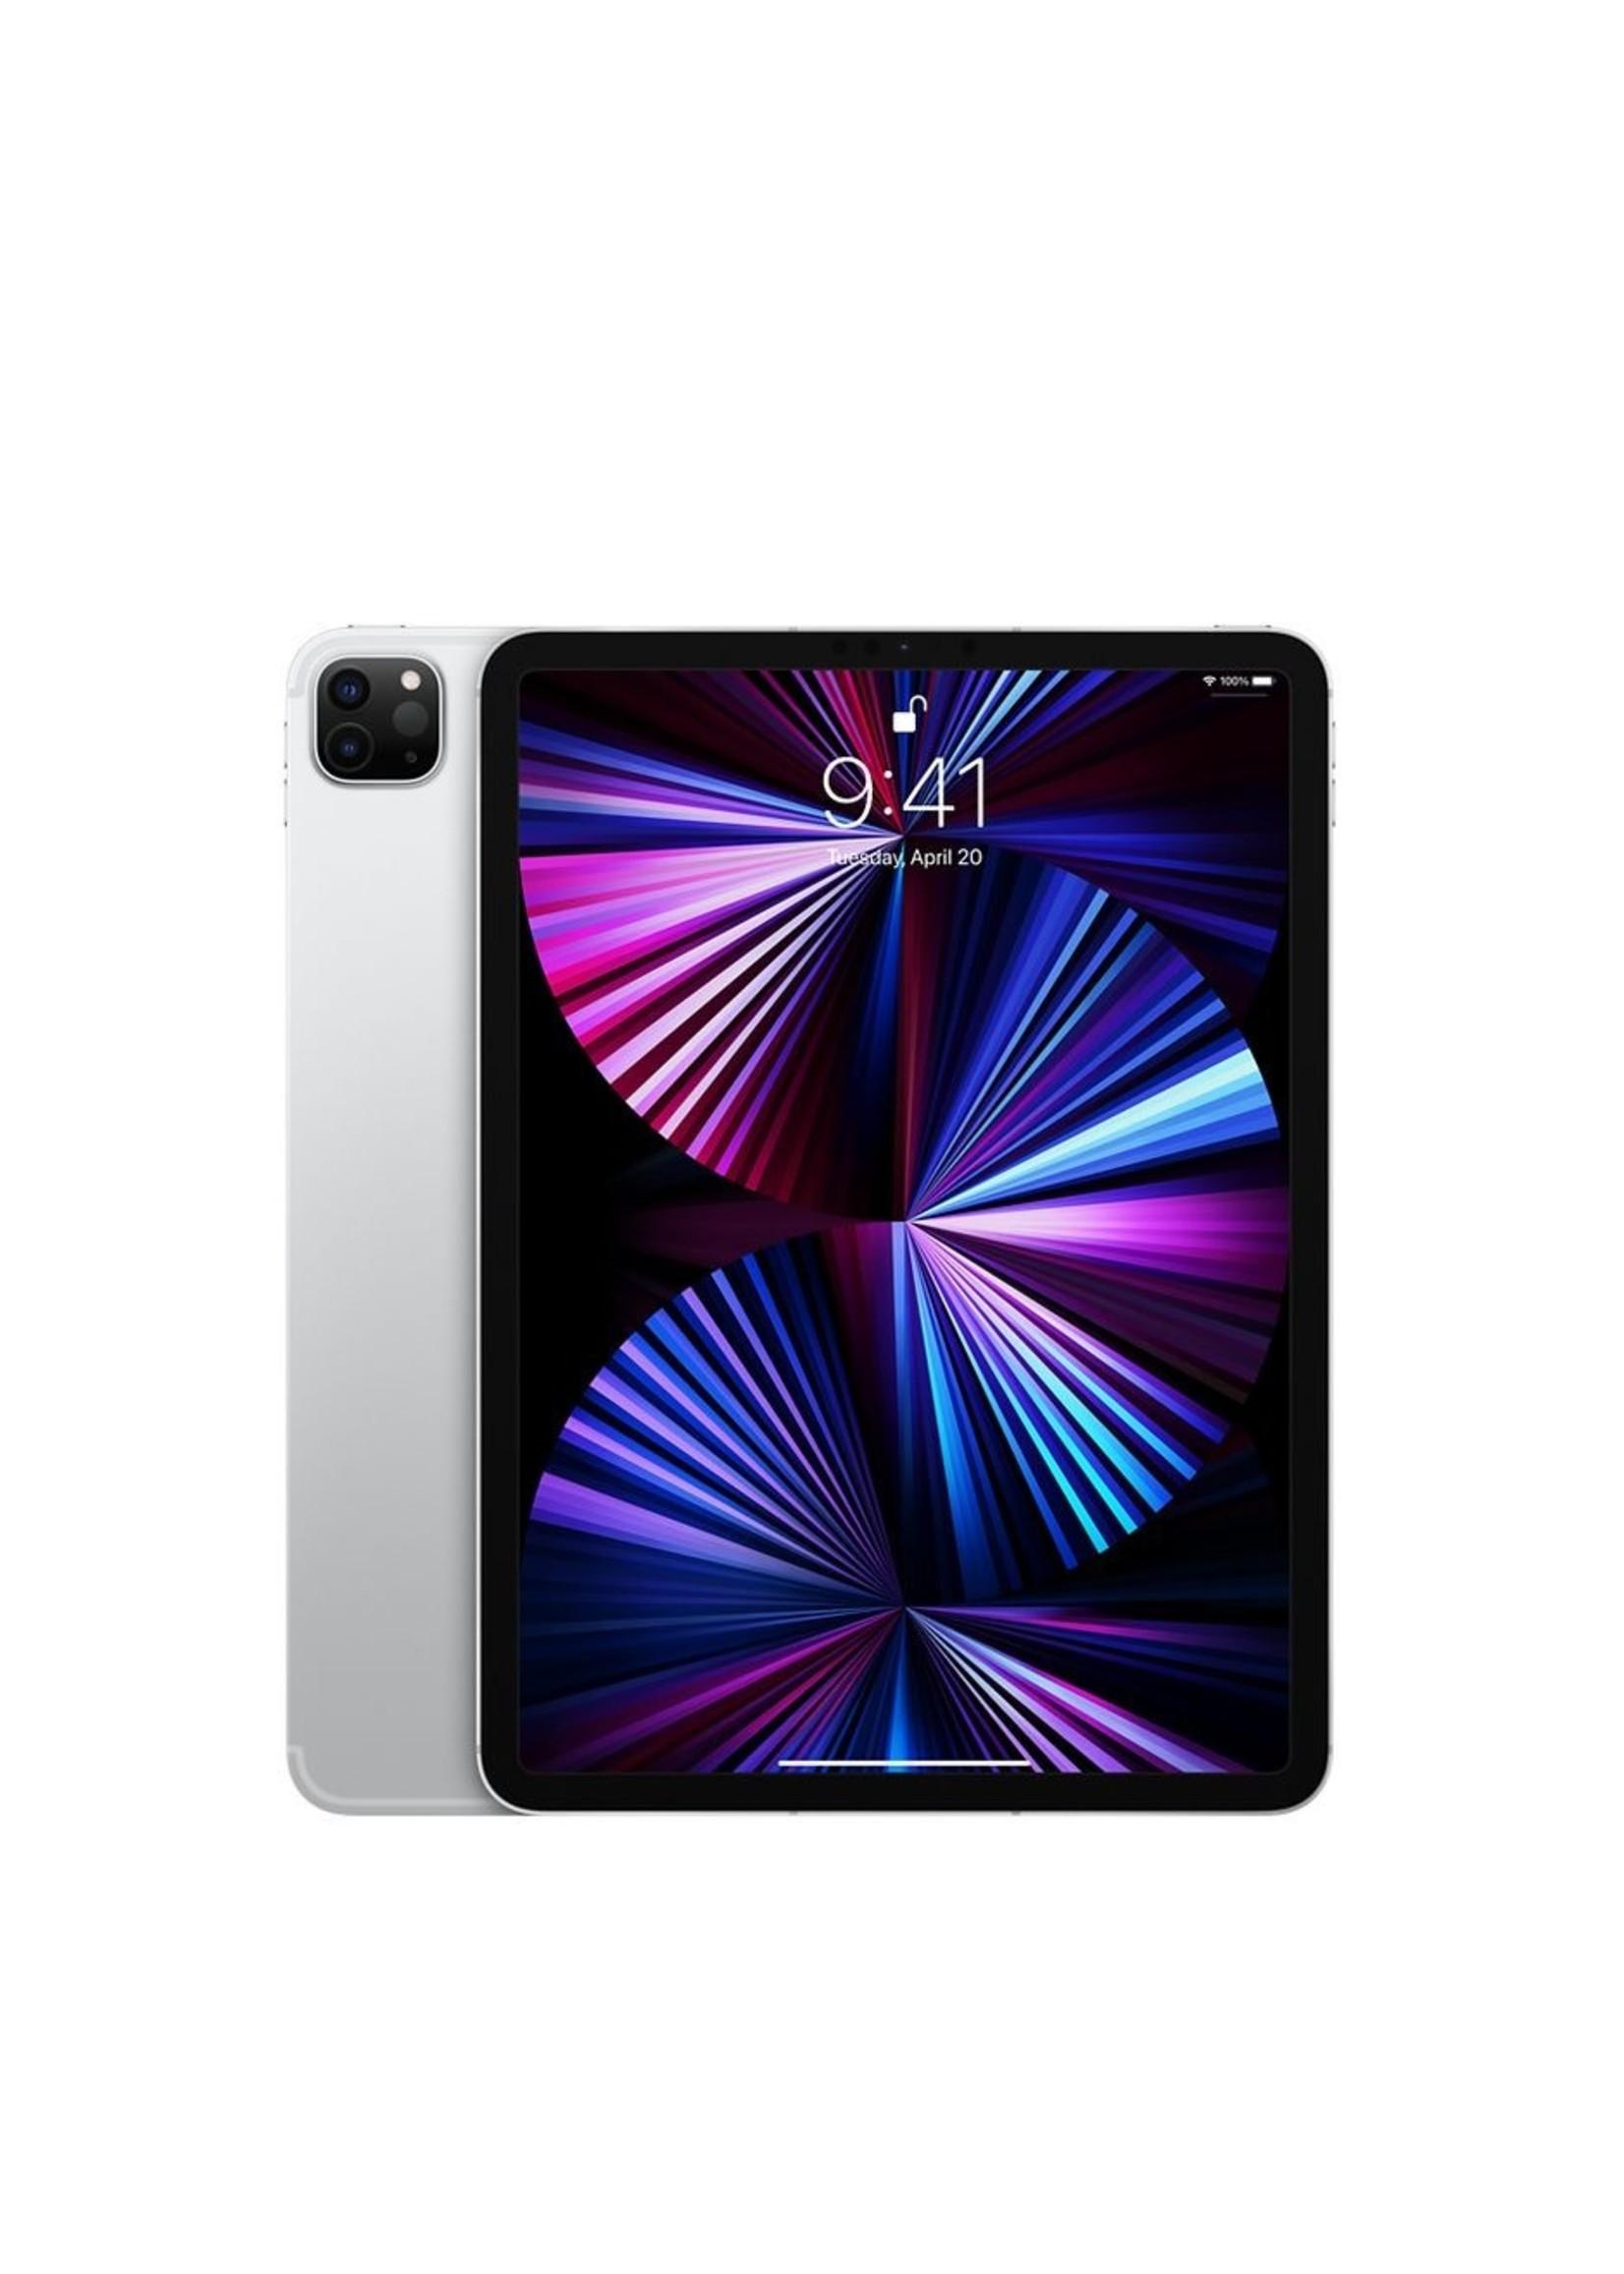 Apple iPad Pro 12.9-inch Wi-Fi 128GB Space Gray